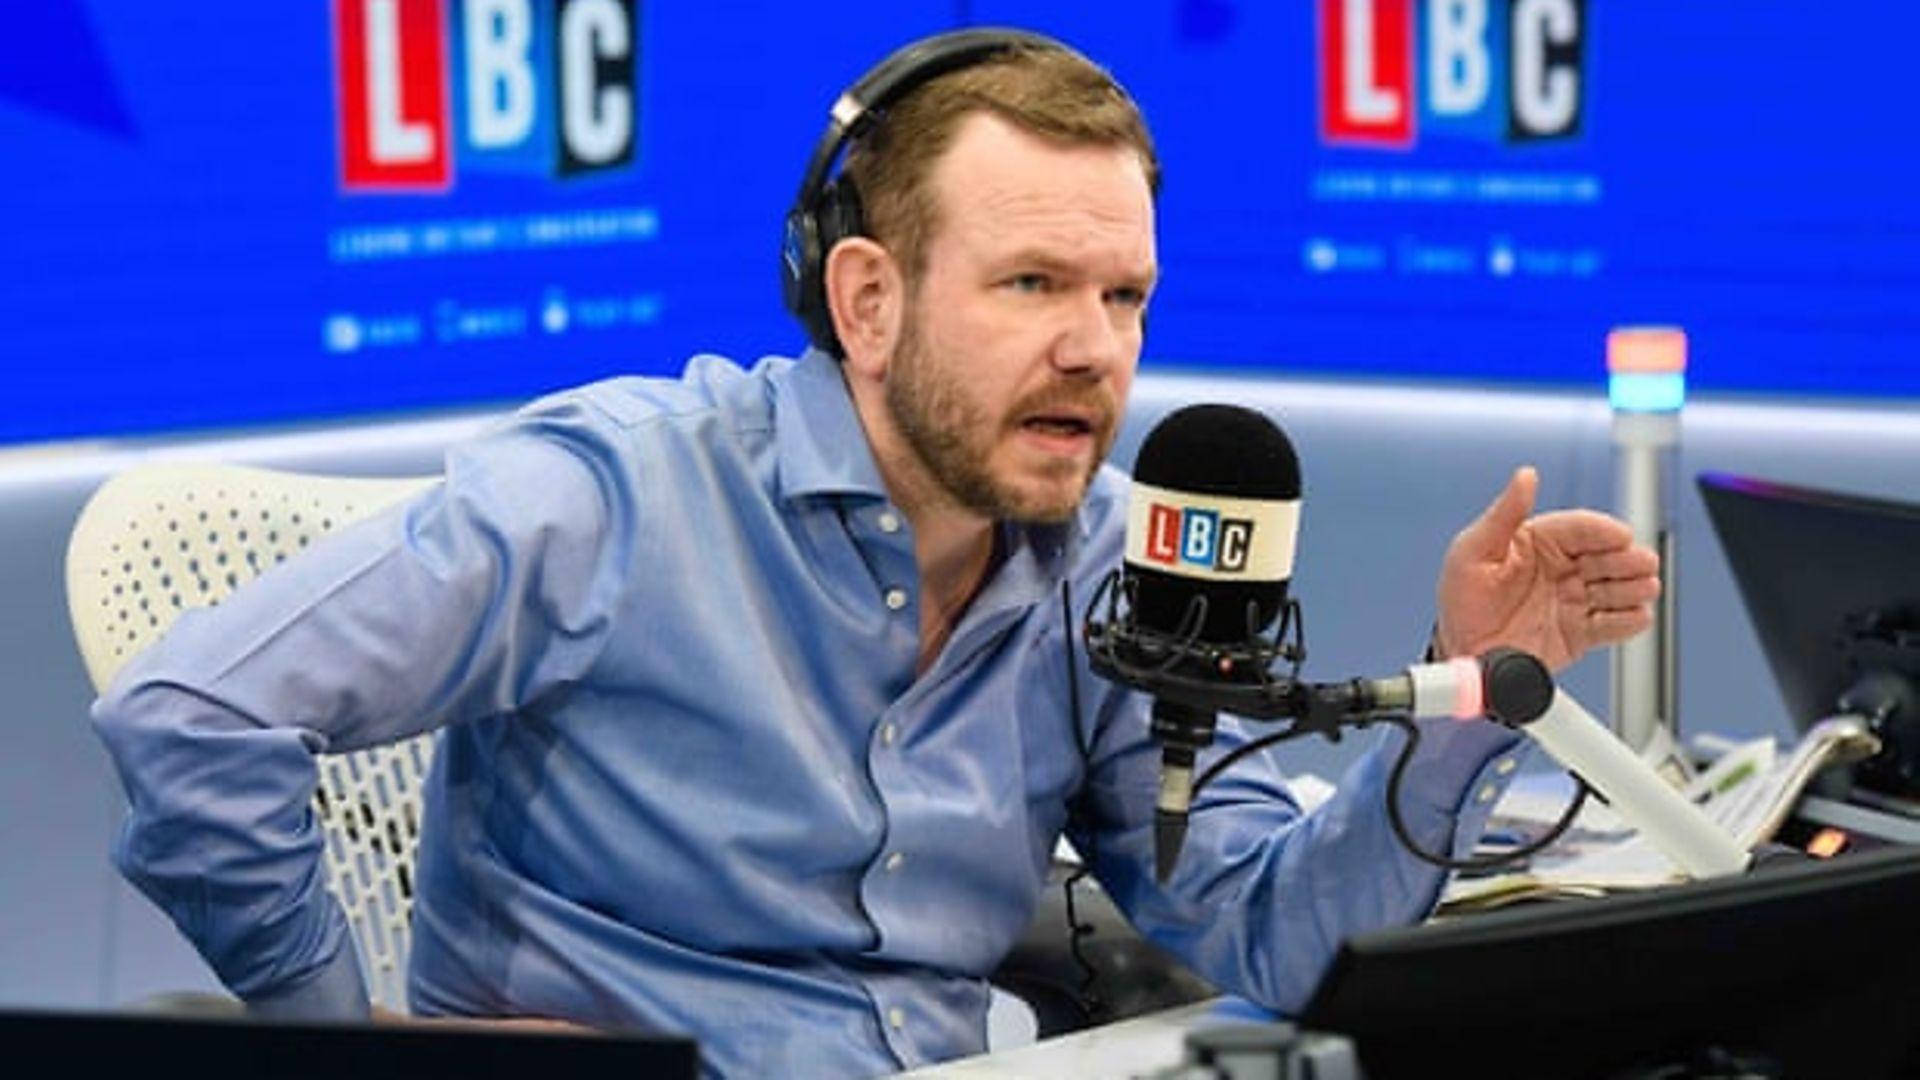 LBC Radio presenter James O'Brien - Credit: LBC